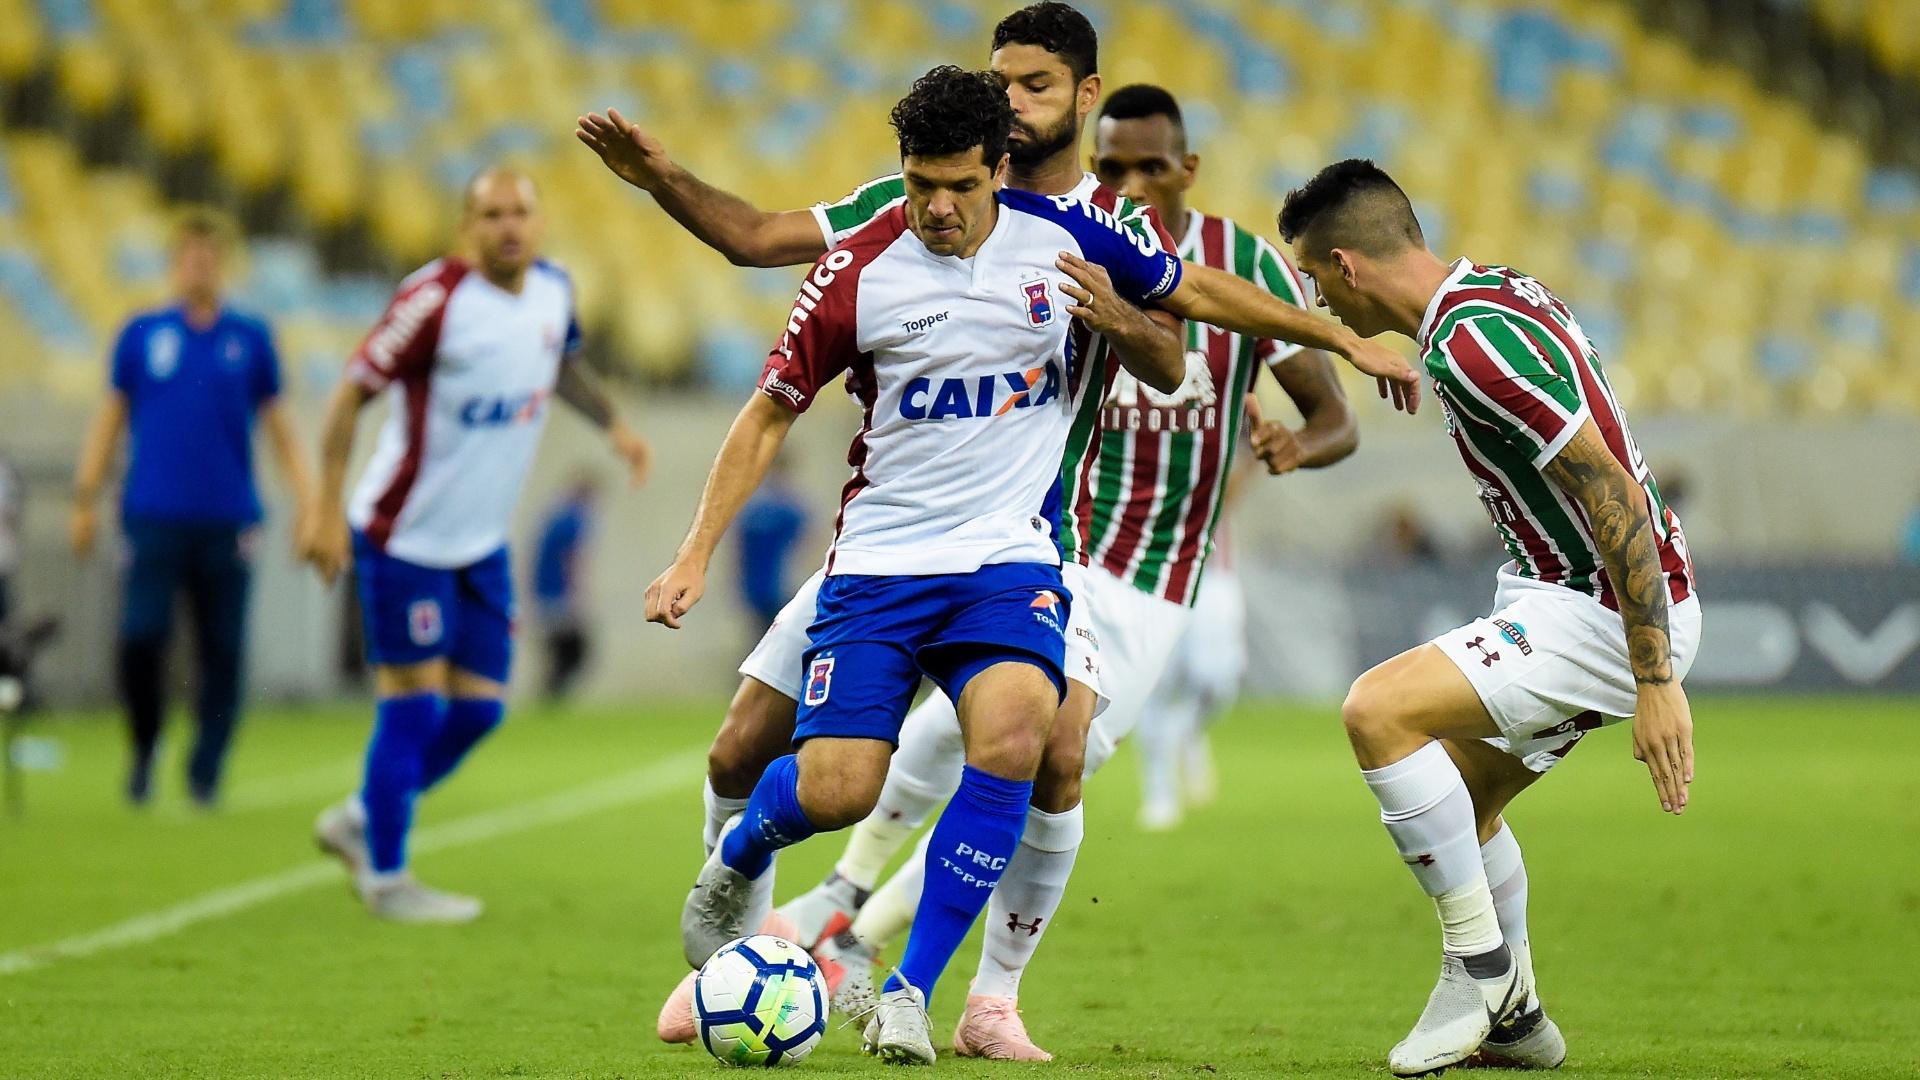 Ortigoza tenta fugir da marcação de Gum e Ibañez durante Fluminense x Paraná